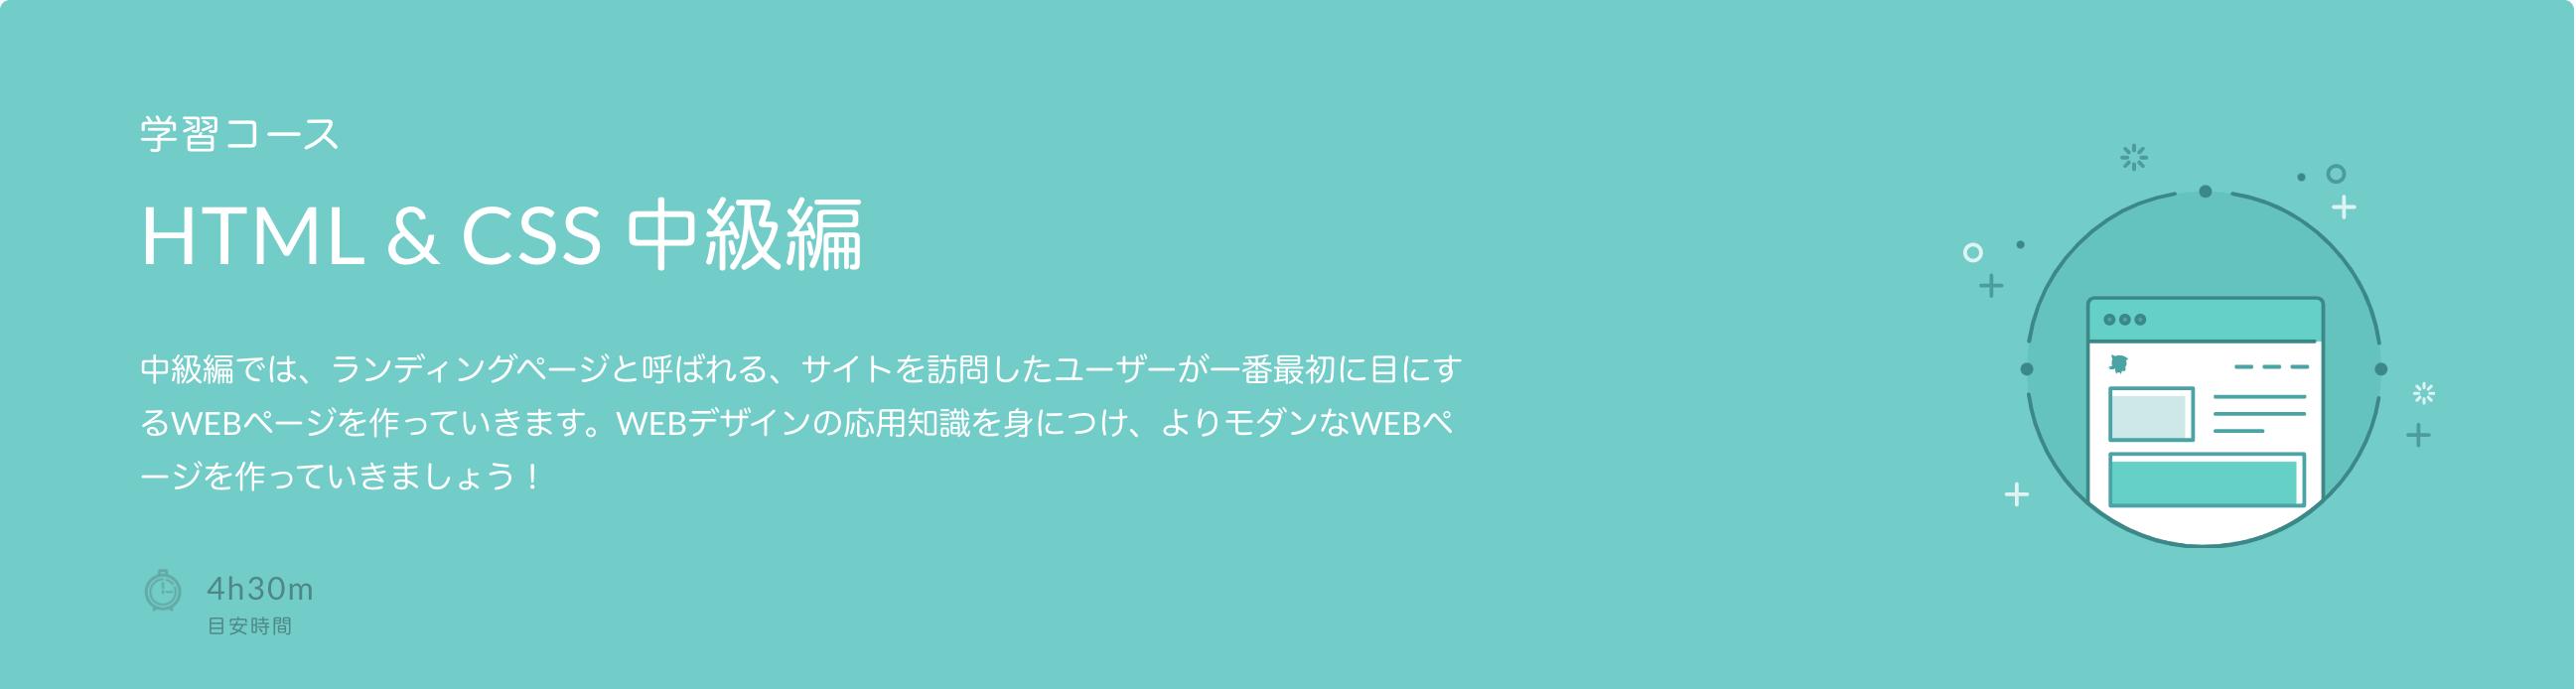 スクリーンショット-2021-07-27-13.51.44